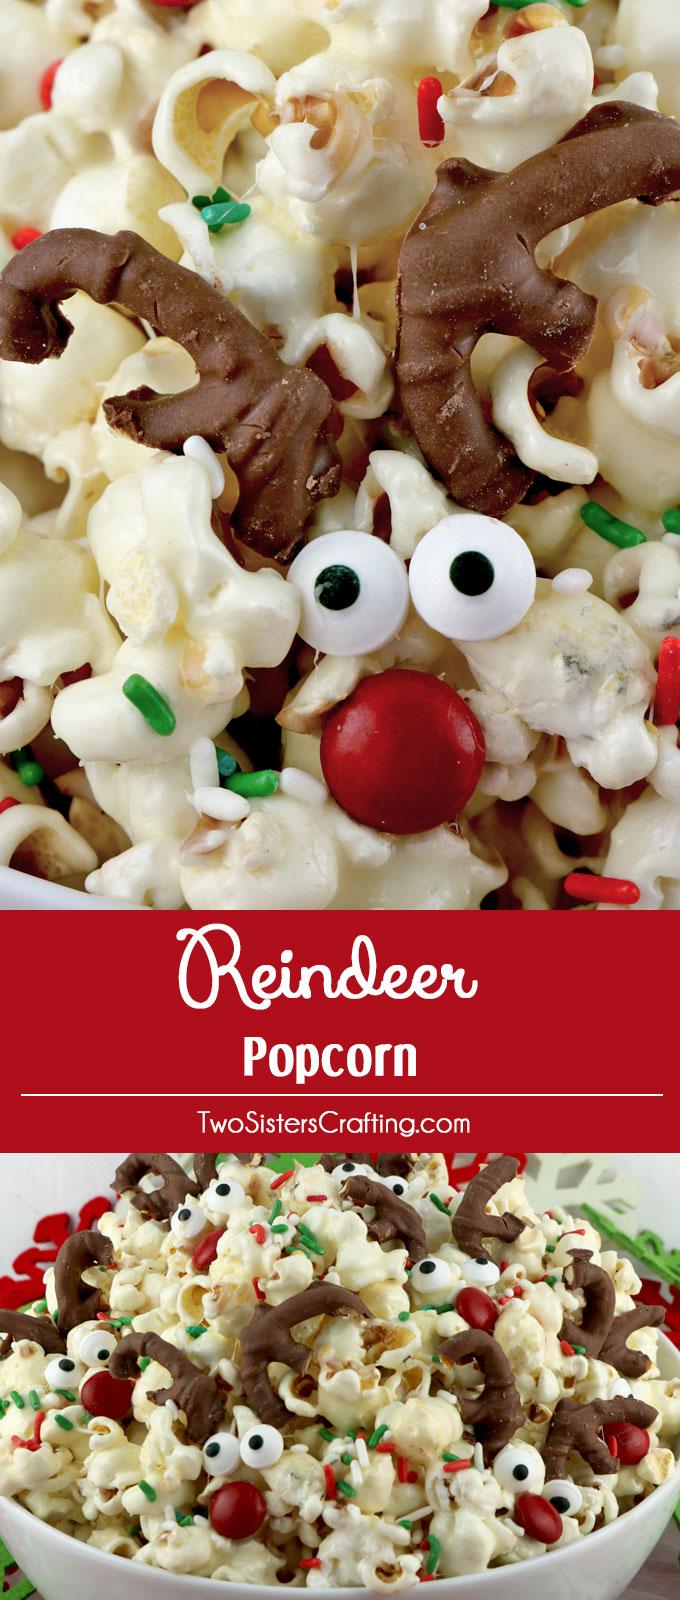 Reindeer Popcorn Two Sisters Crafting